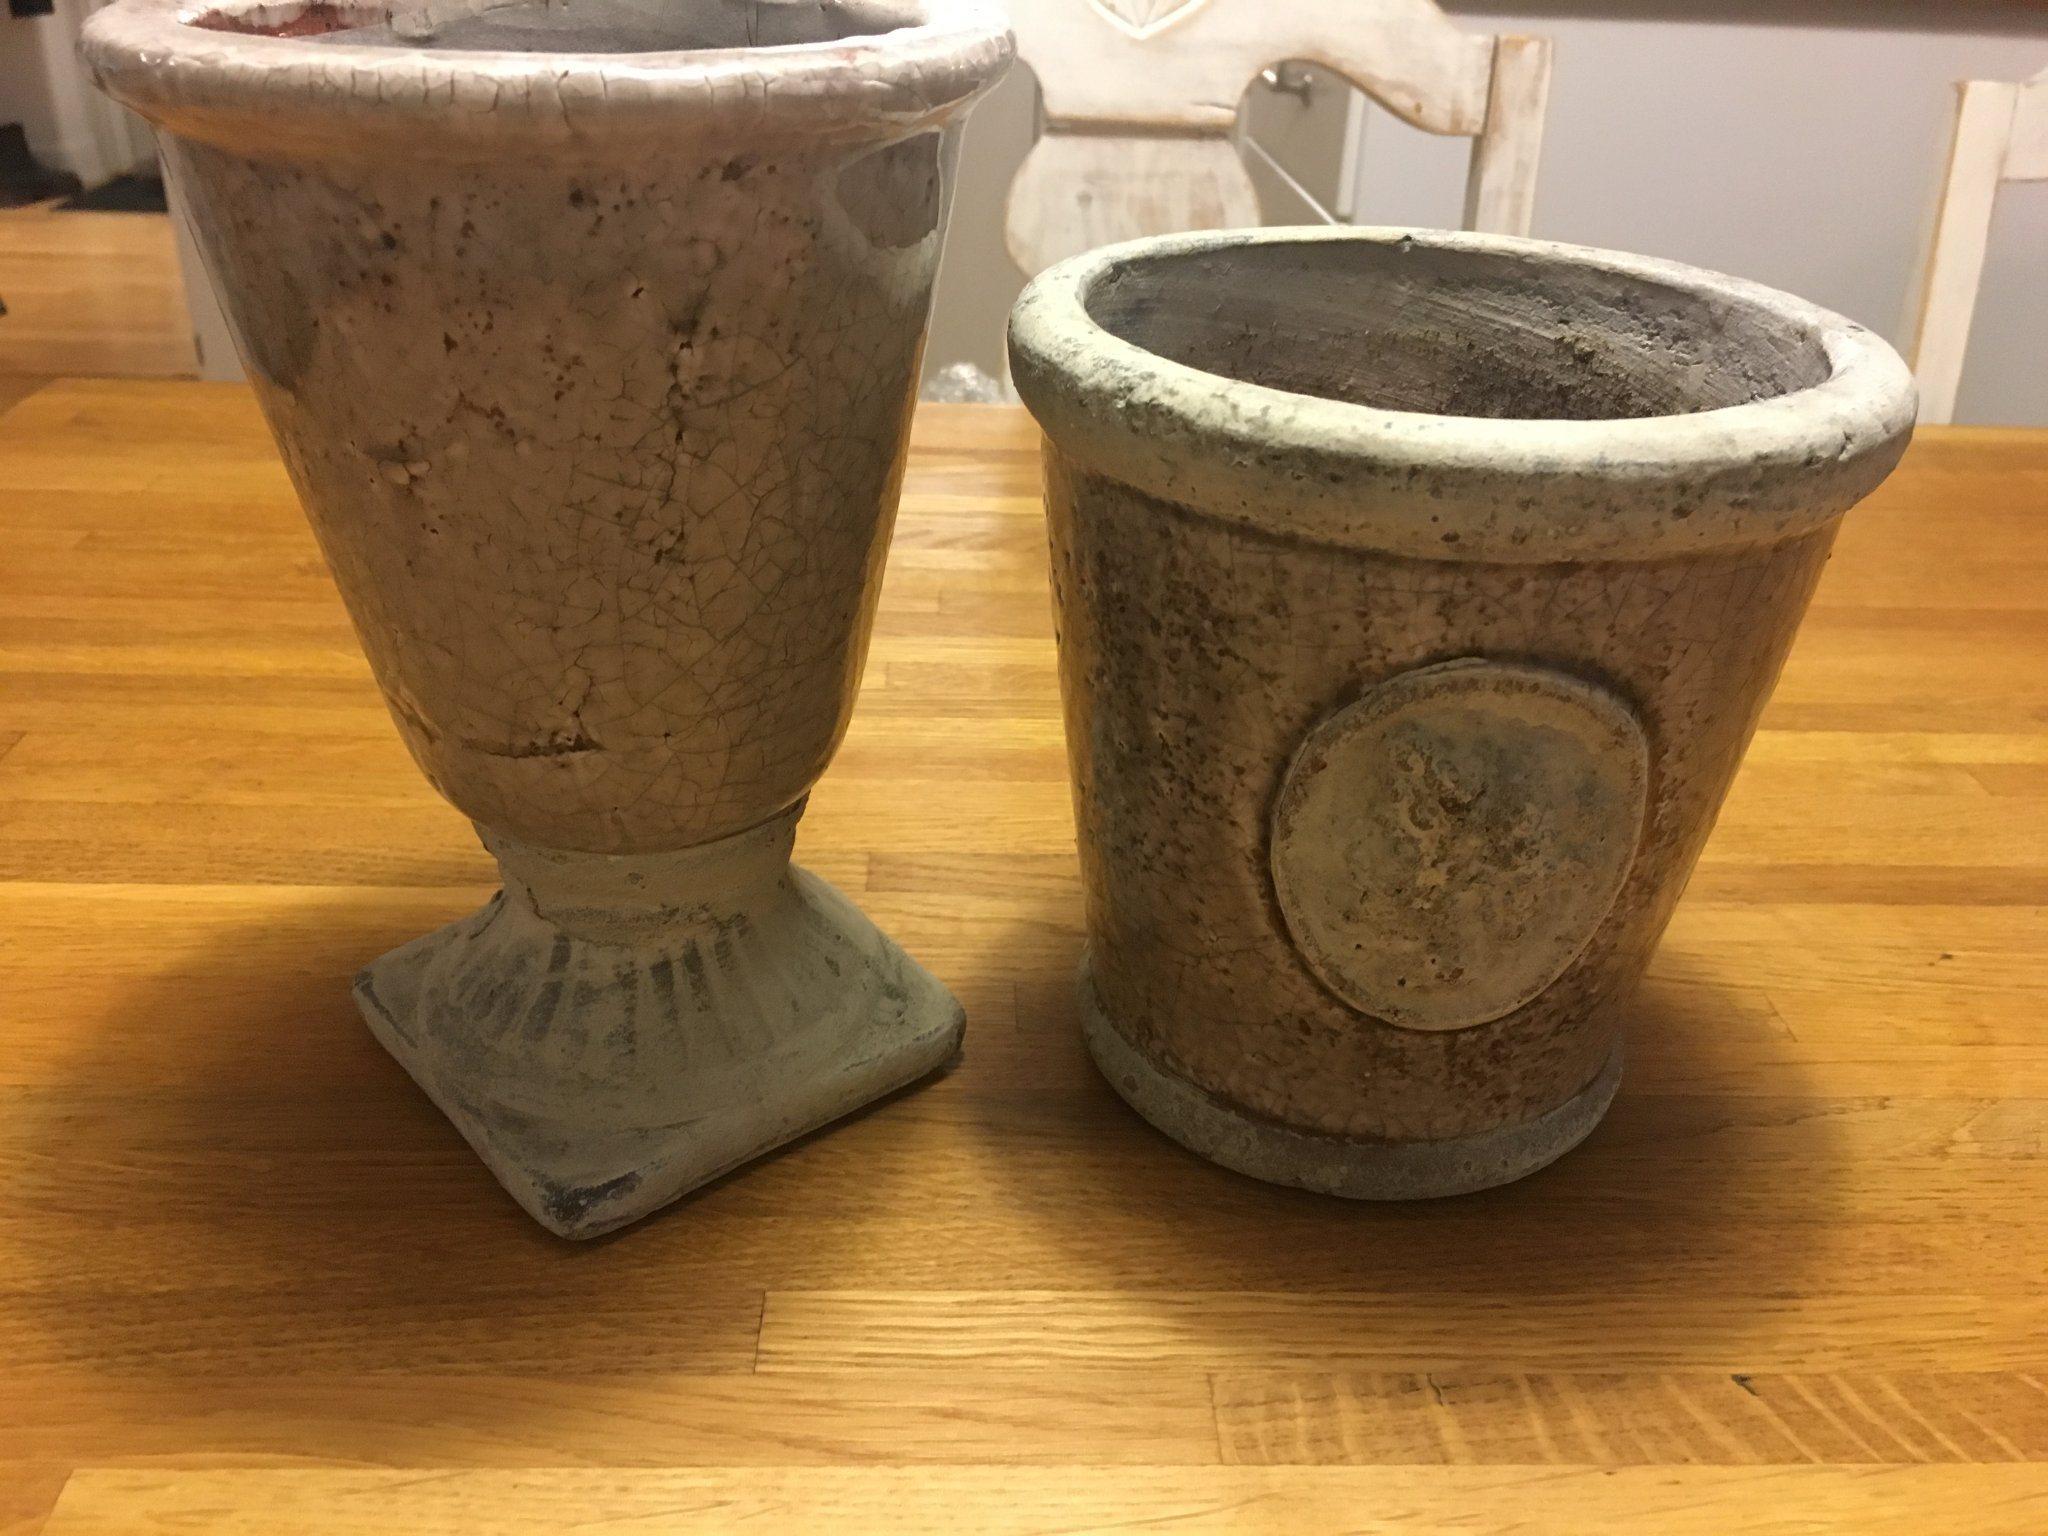 Gråspräckliga krukor - två stycken (339396984) ᐈ Köp på Tradera a4a1c46bdce7d